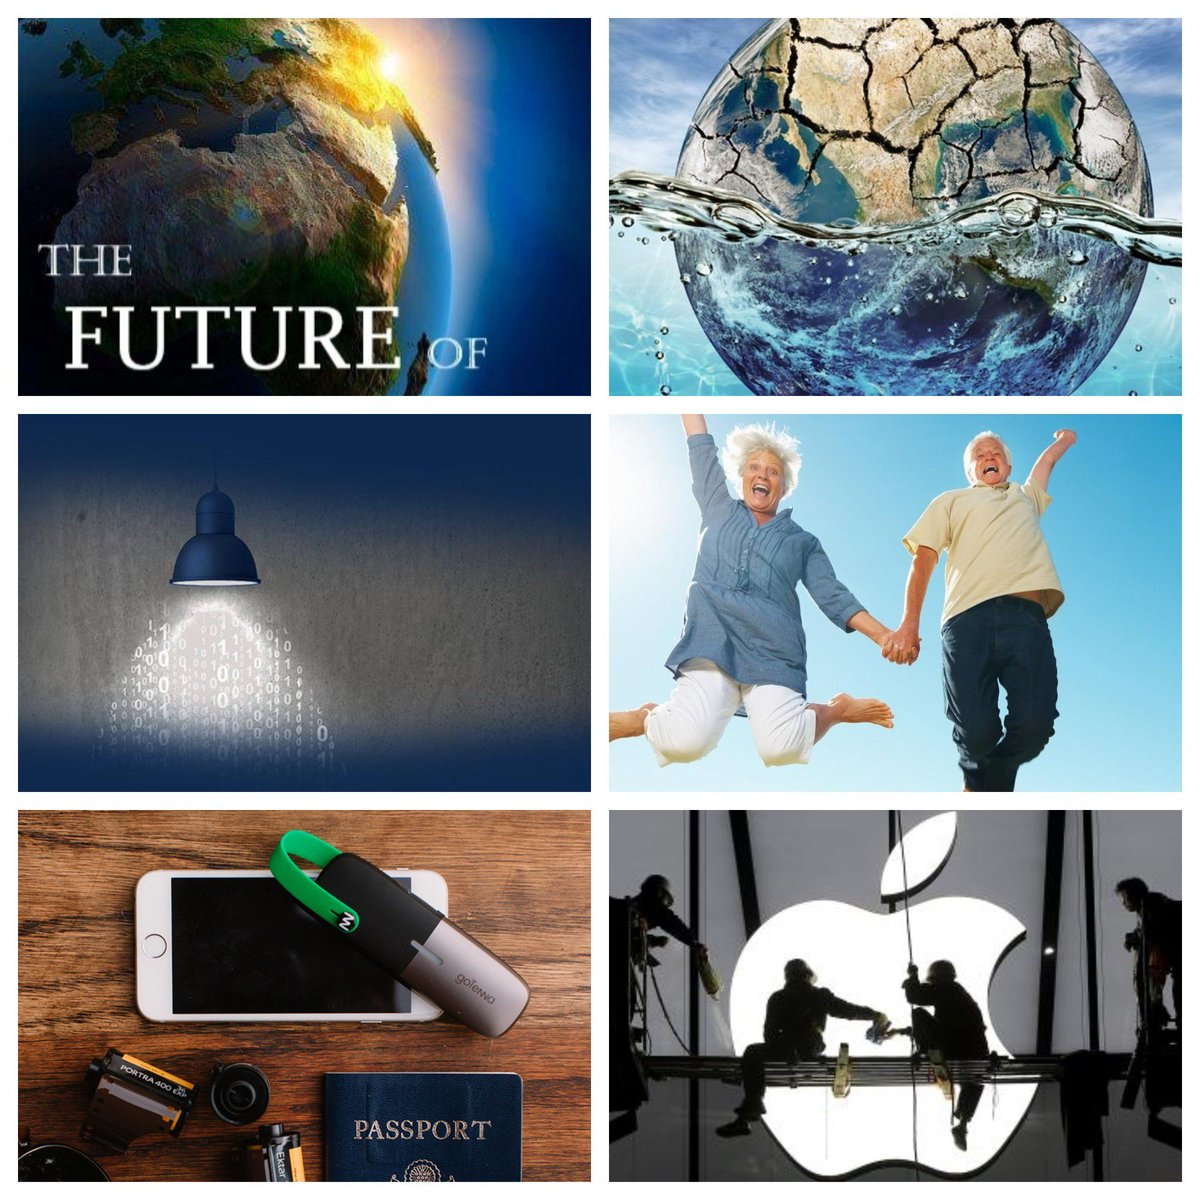 #futuro